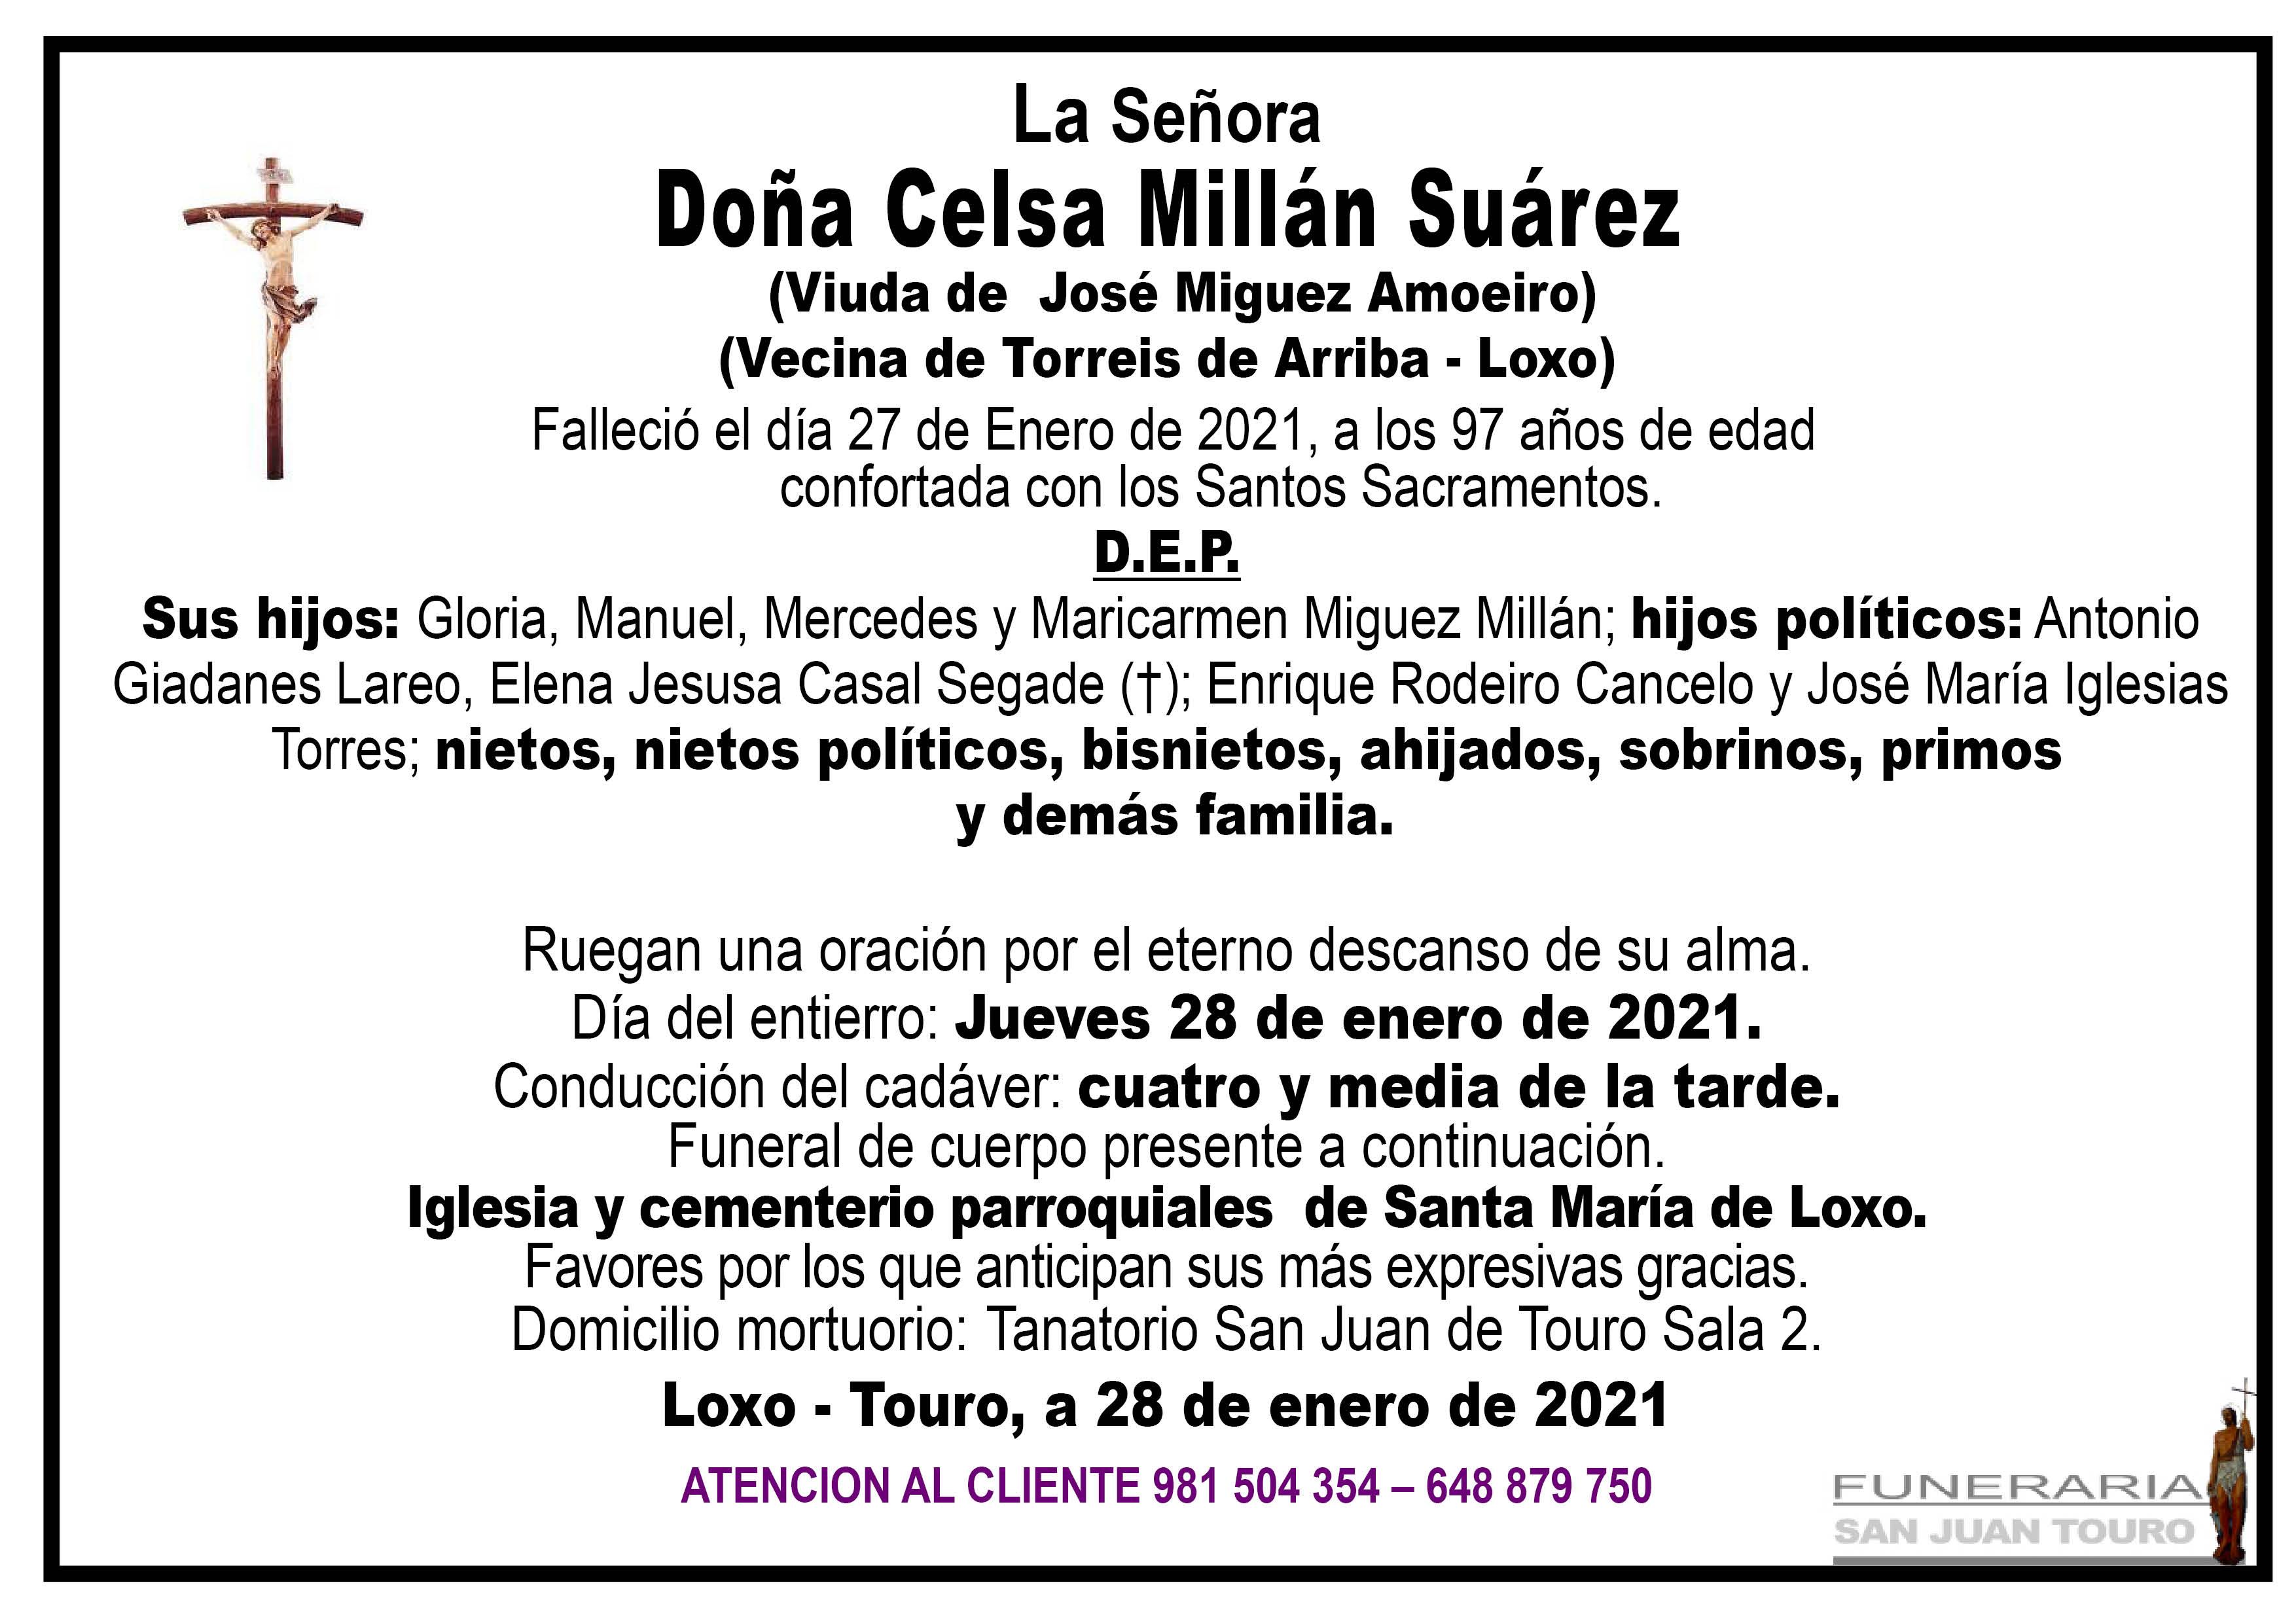 Esquela de SEPELIO DE DOÑA CELSA MILLÁN SUÁREZ.